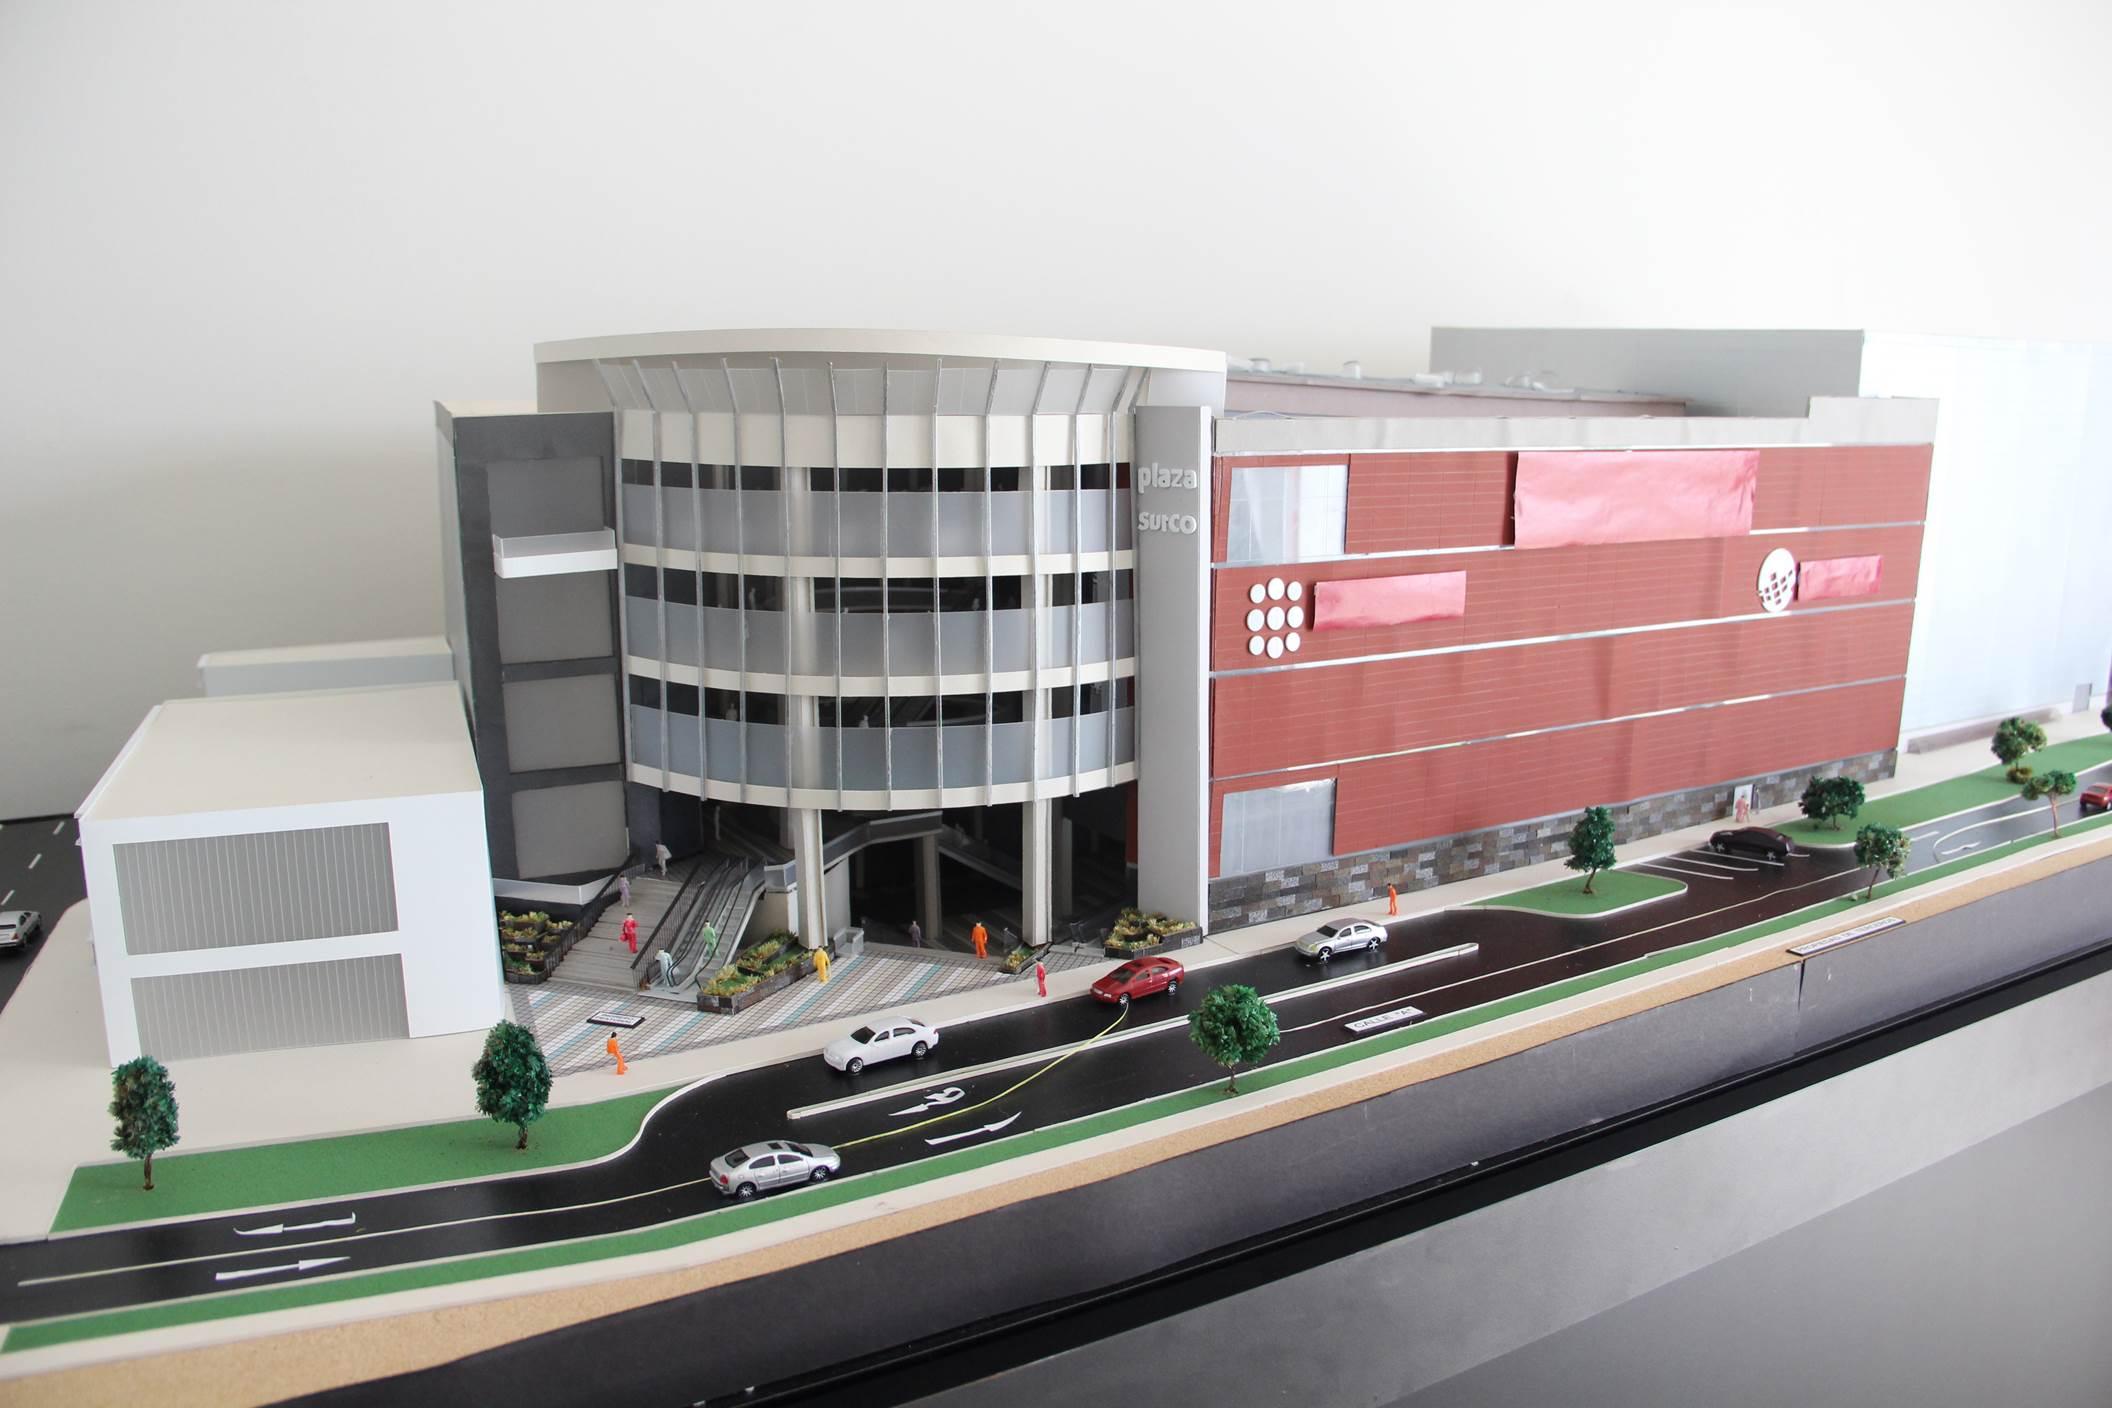 Plaza Surco 1 - Metro y Tottus negocian ingreso a mall Plaza Surco